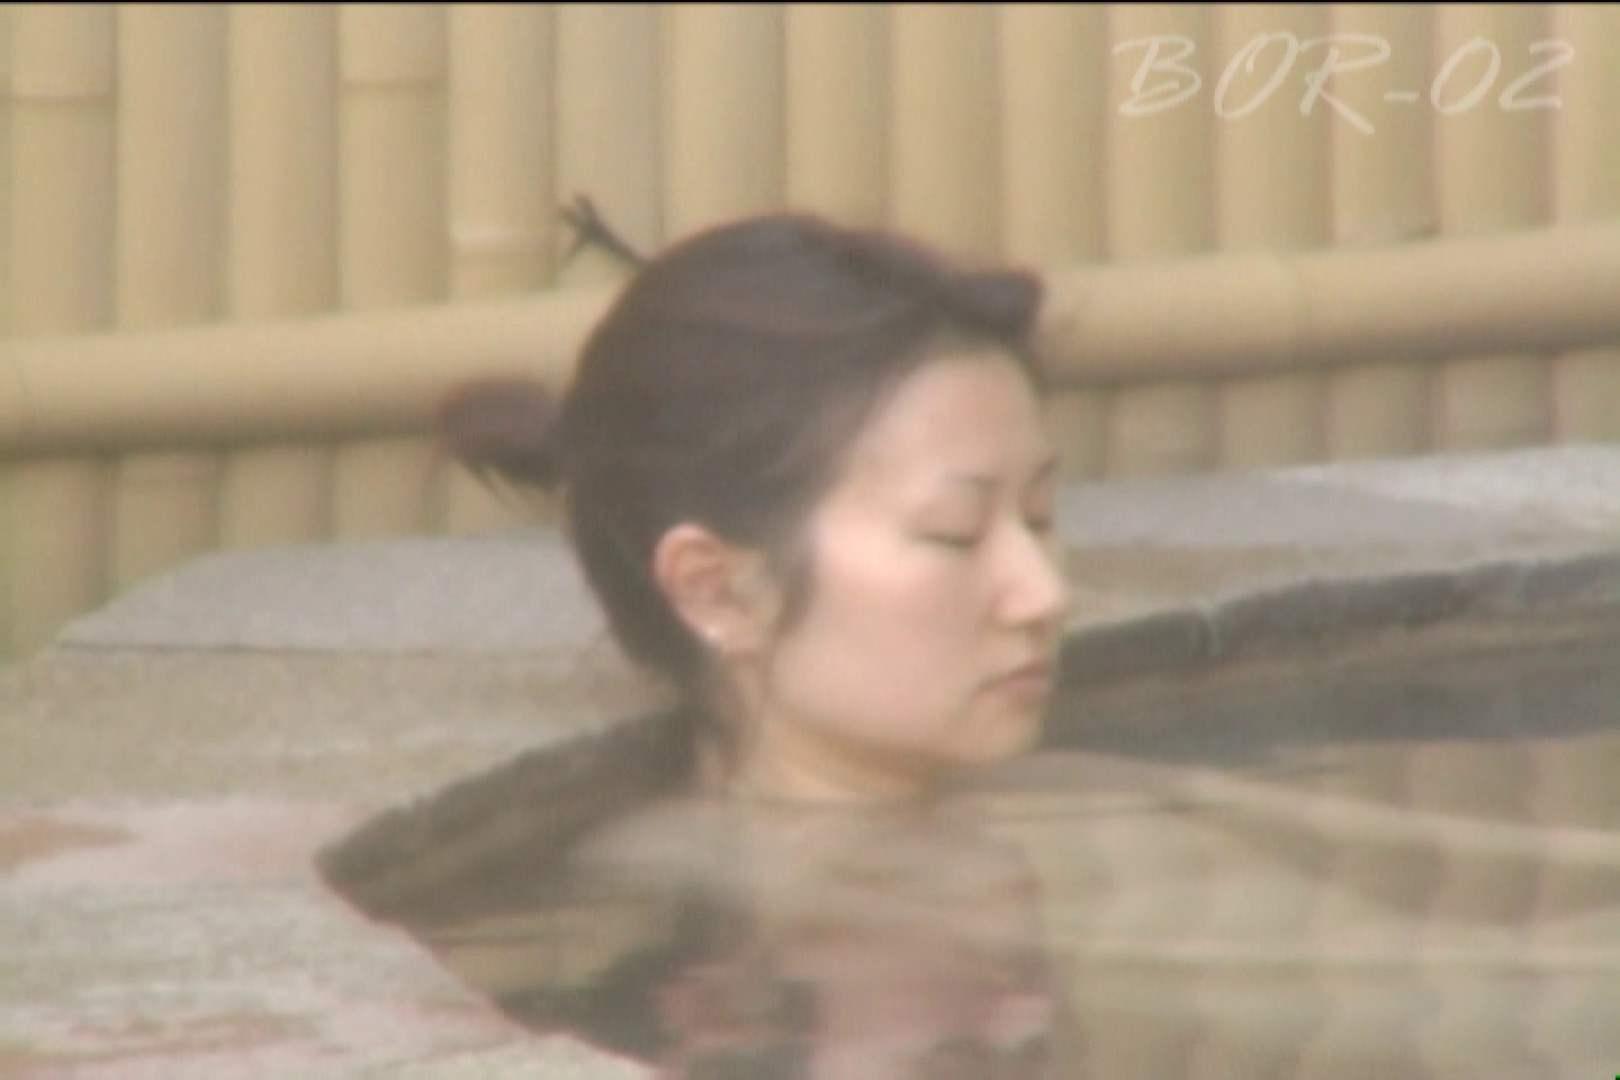 Aquaな露天風呂Vol.477 露天 | 盗撮  86画像 58